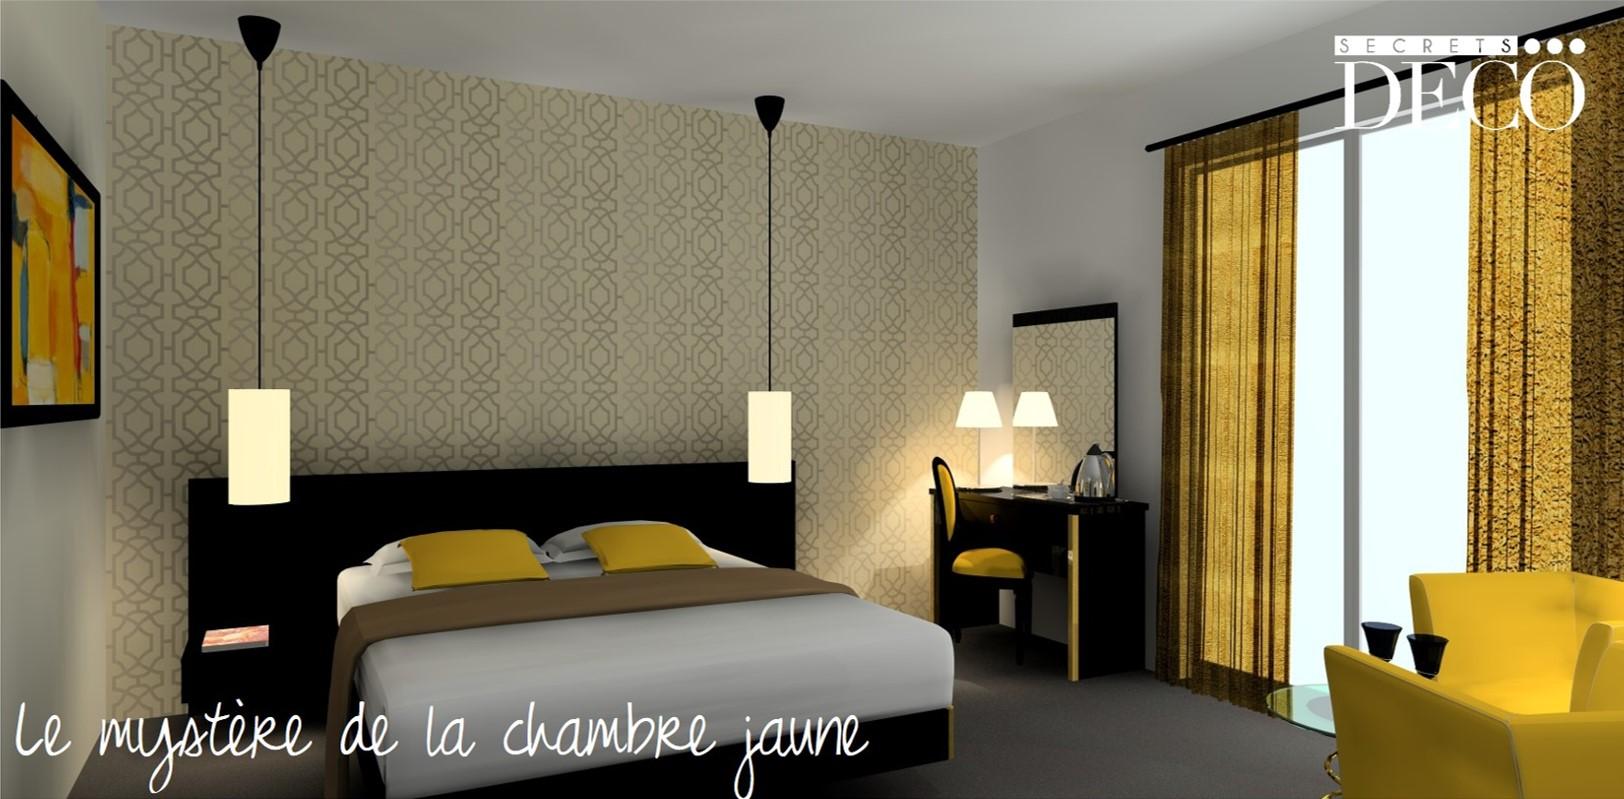 Décoration chambre hôtel paris - Le mystère de la chambre jaune